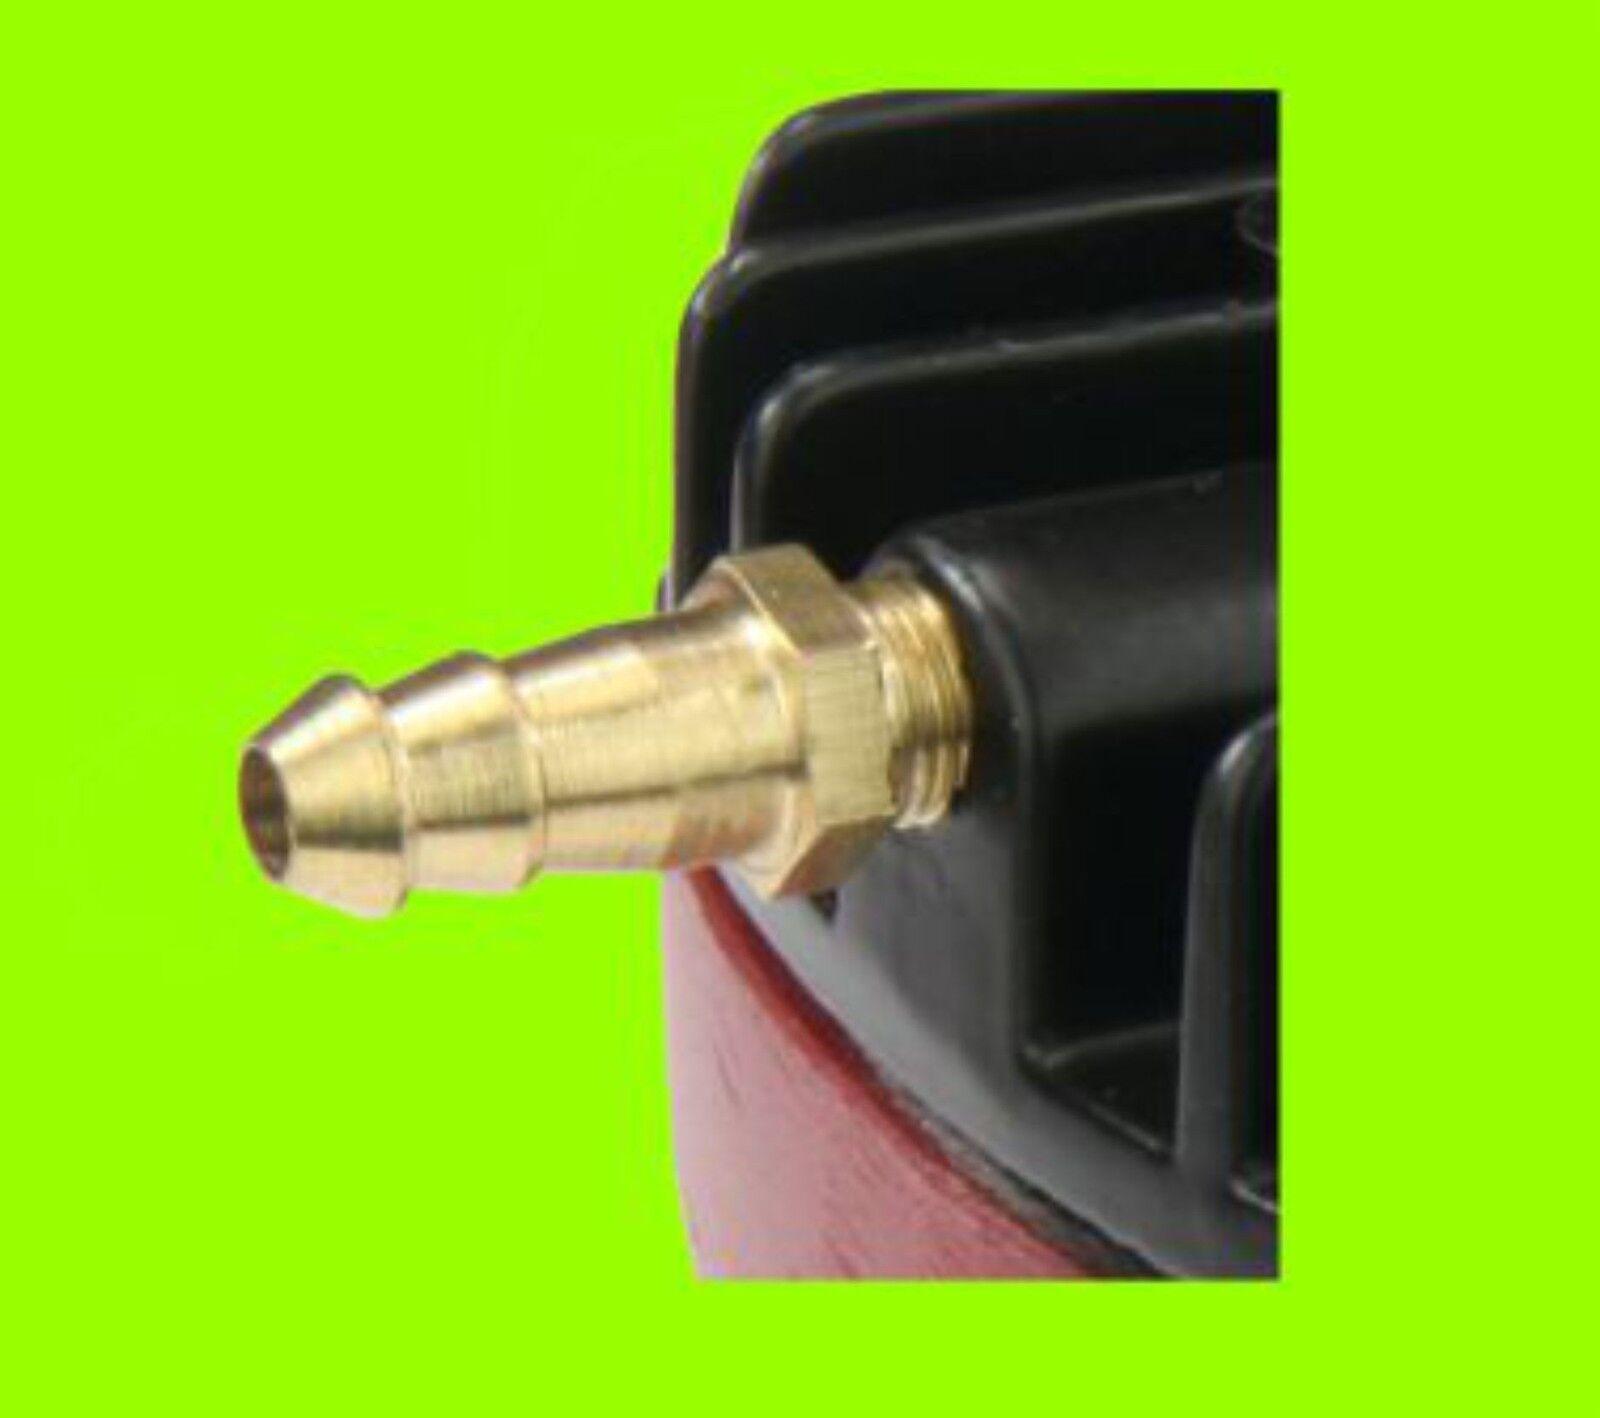 Hailea ACO 12 Volt 006D plus 5 m Schlauch Kompressor, Kompressor, Schlauch Luftpumpe Köderfisch PKW f5ce2c